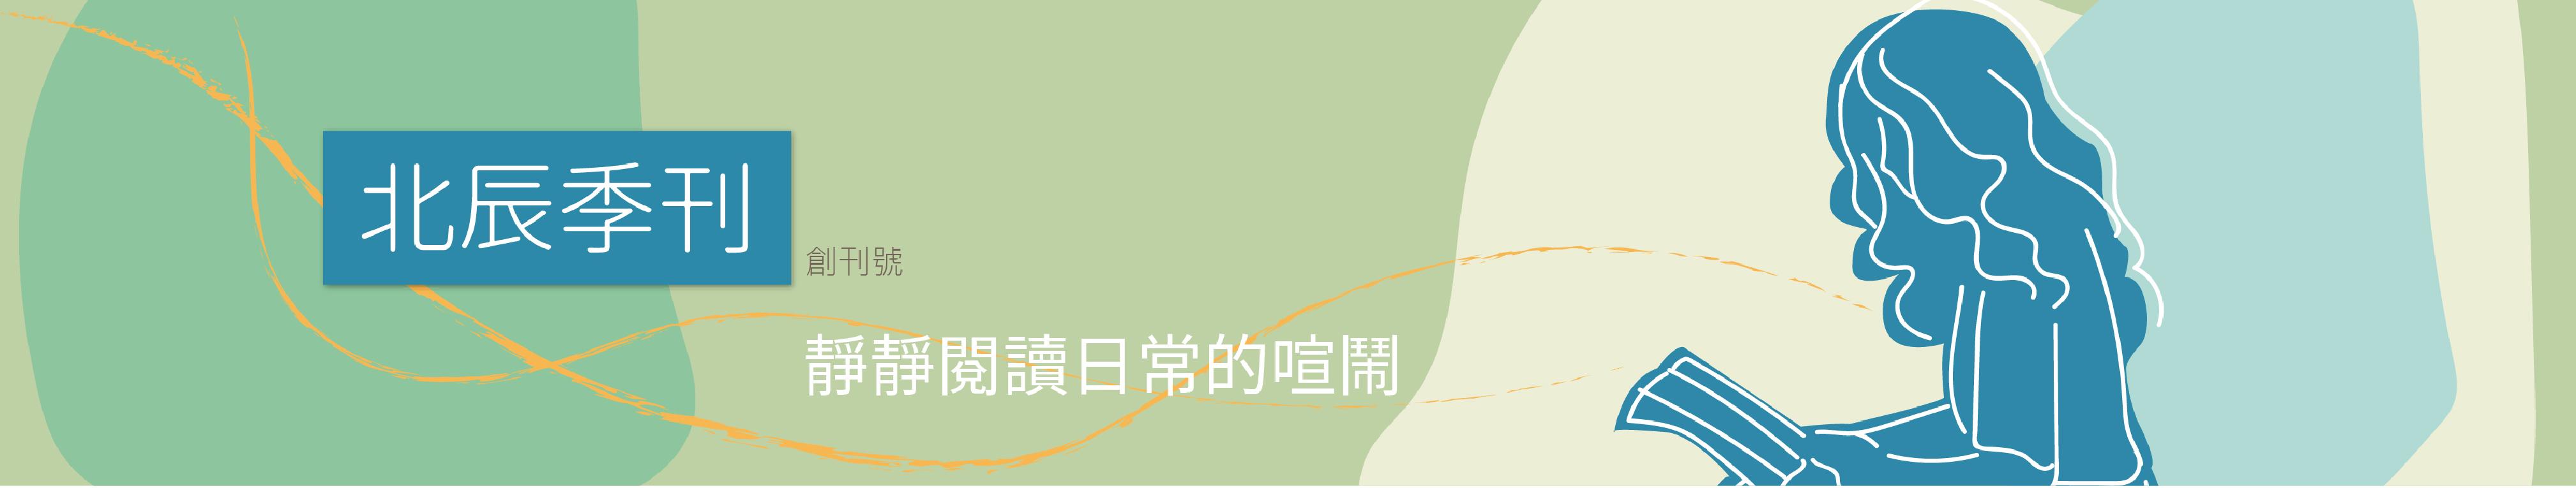 北辰季刊第1期